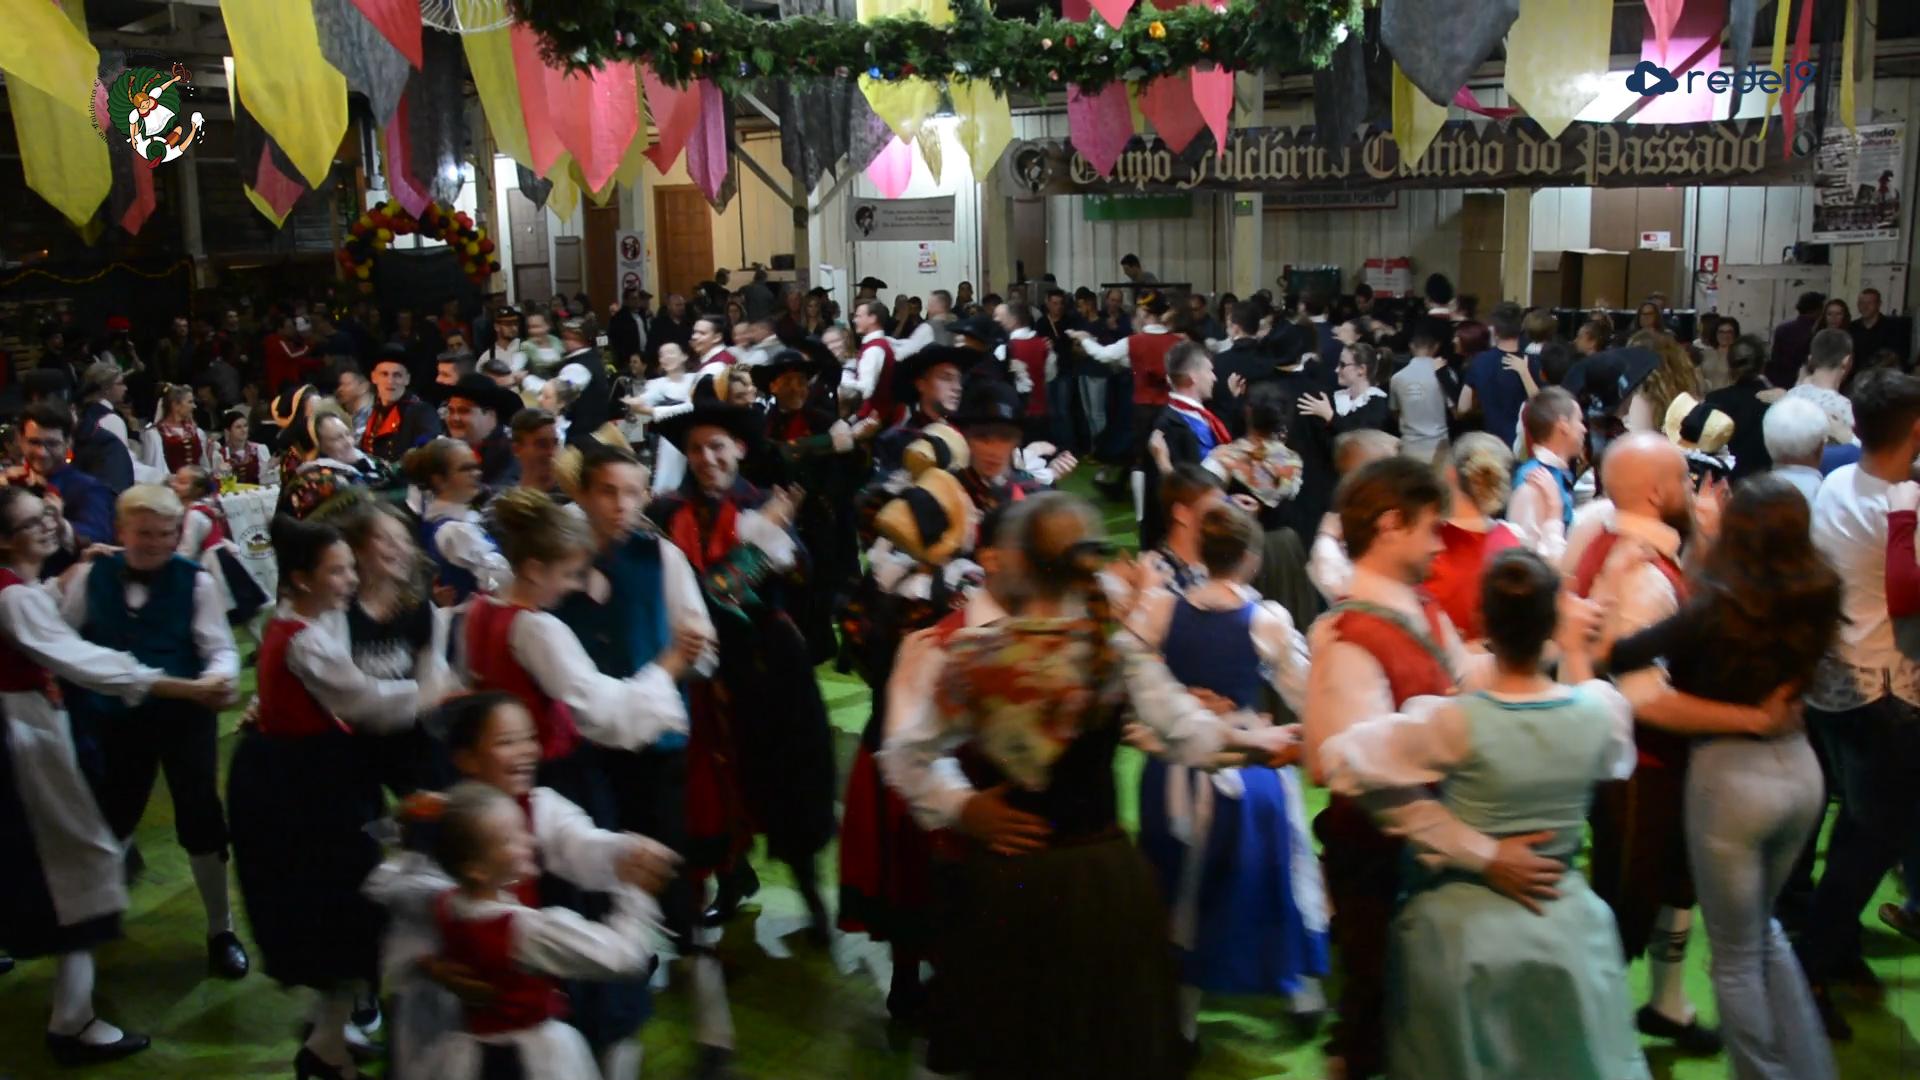 35º SauerKraut Spielfest – Grupo Folclórico Cultivo do Passado